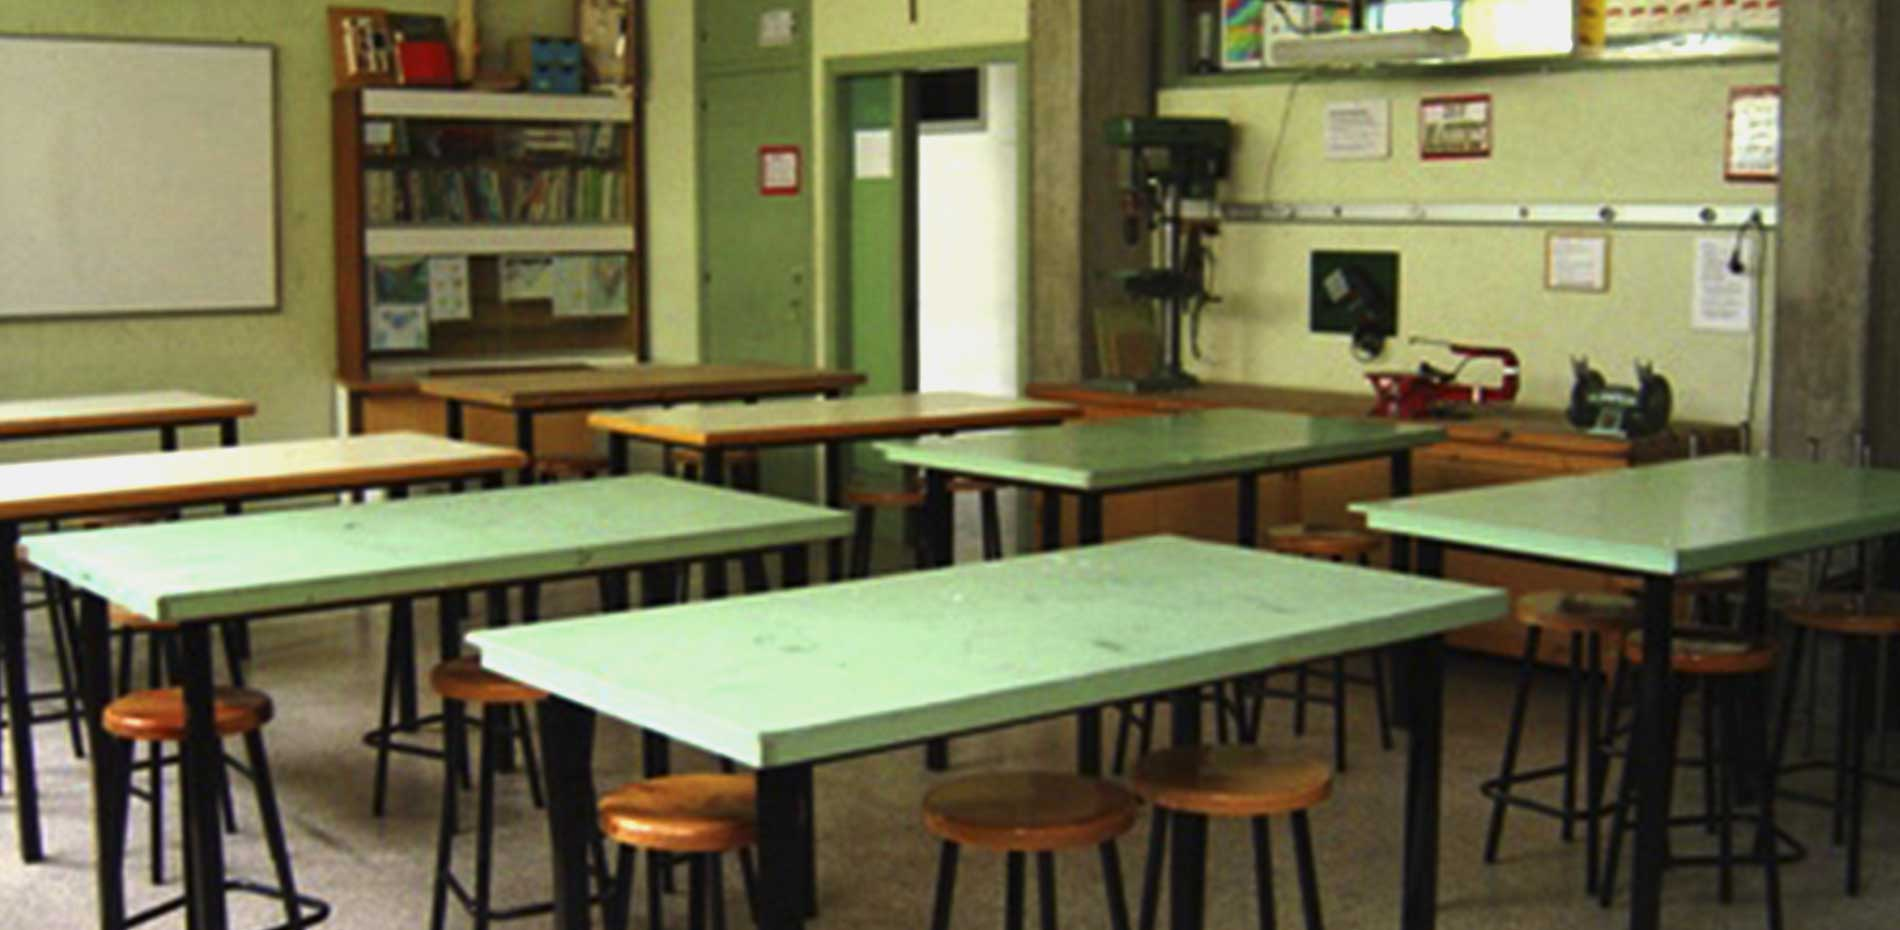 Laboratori de química